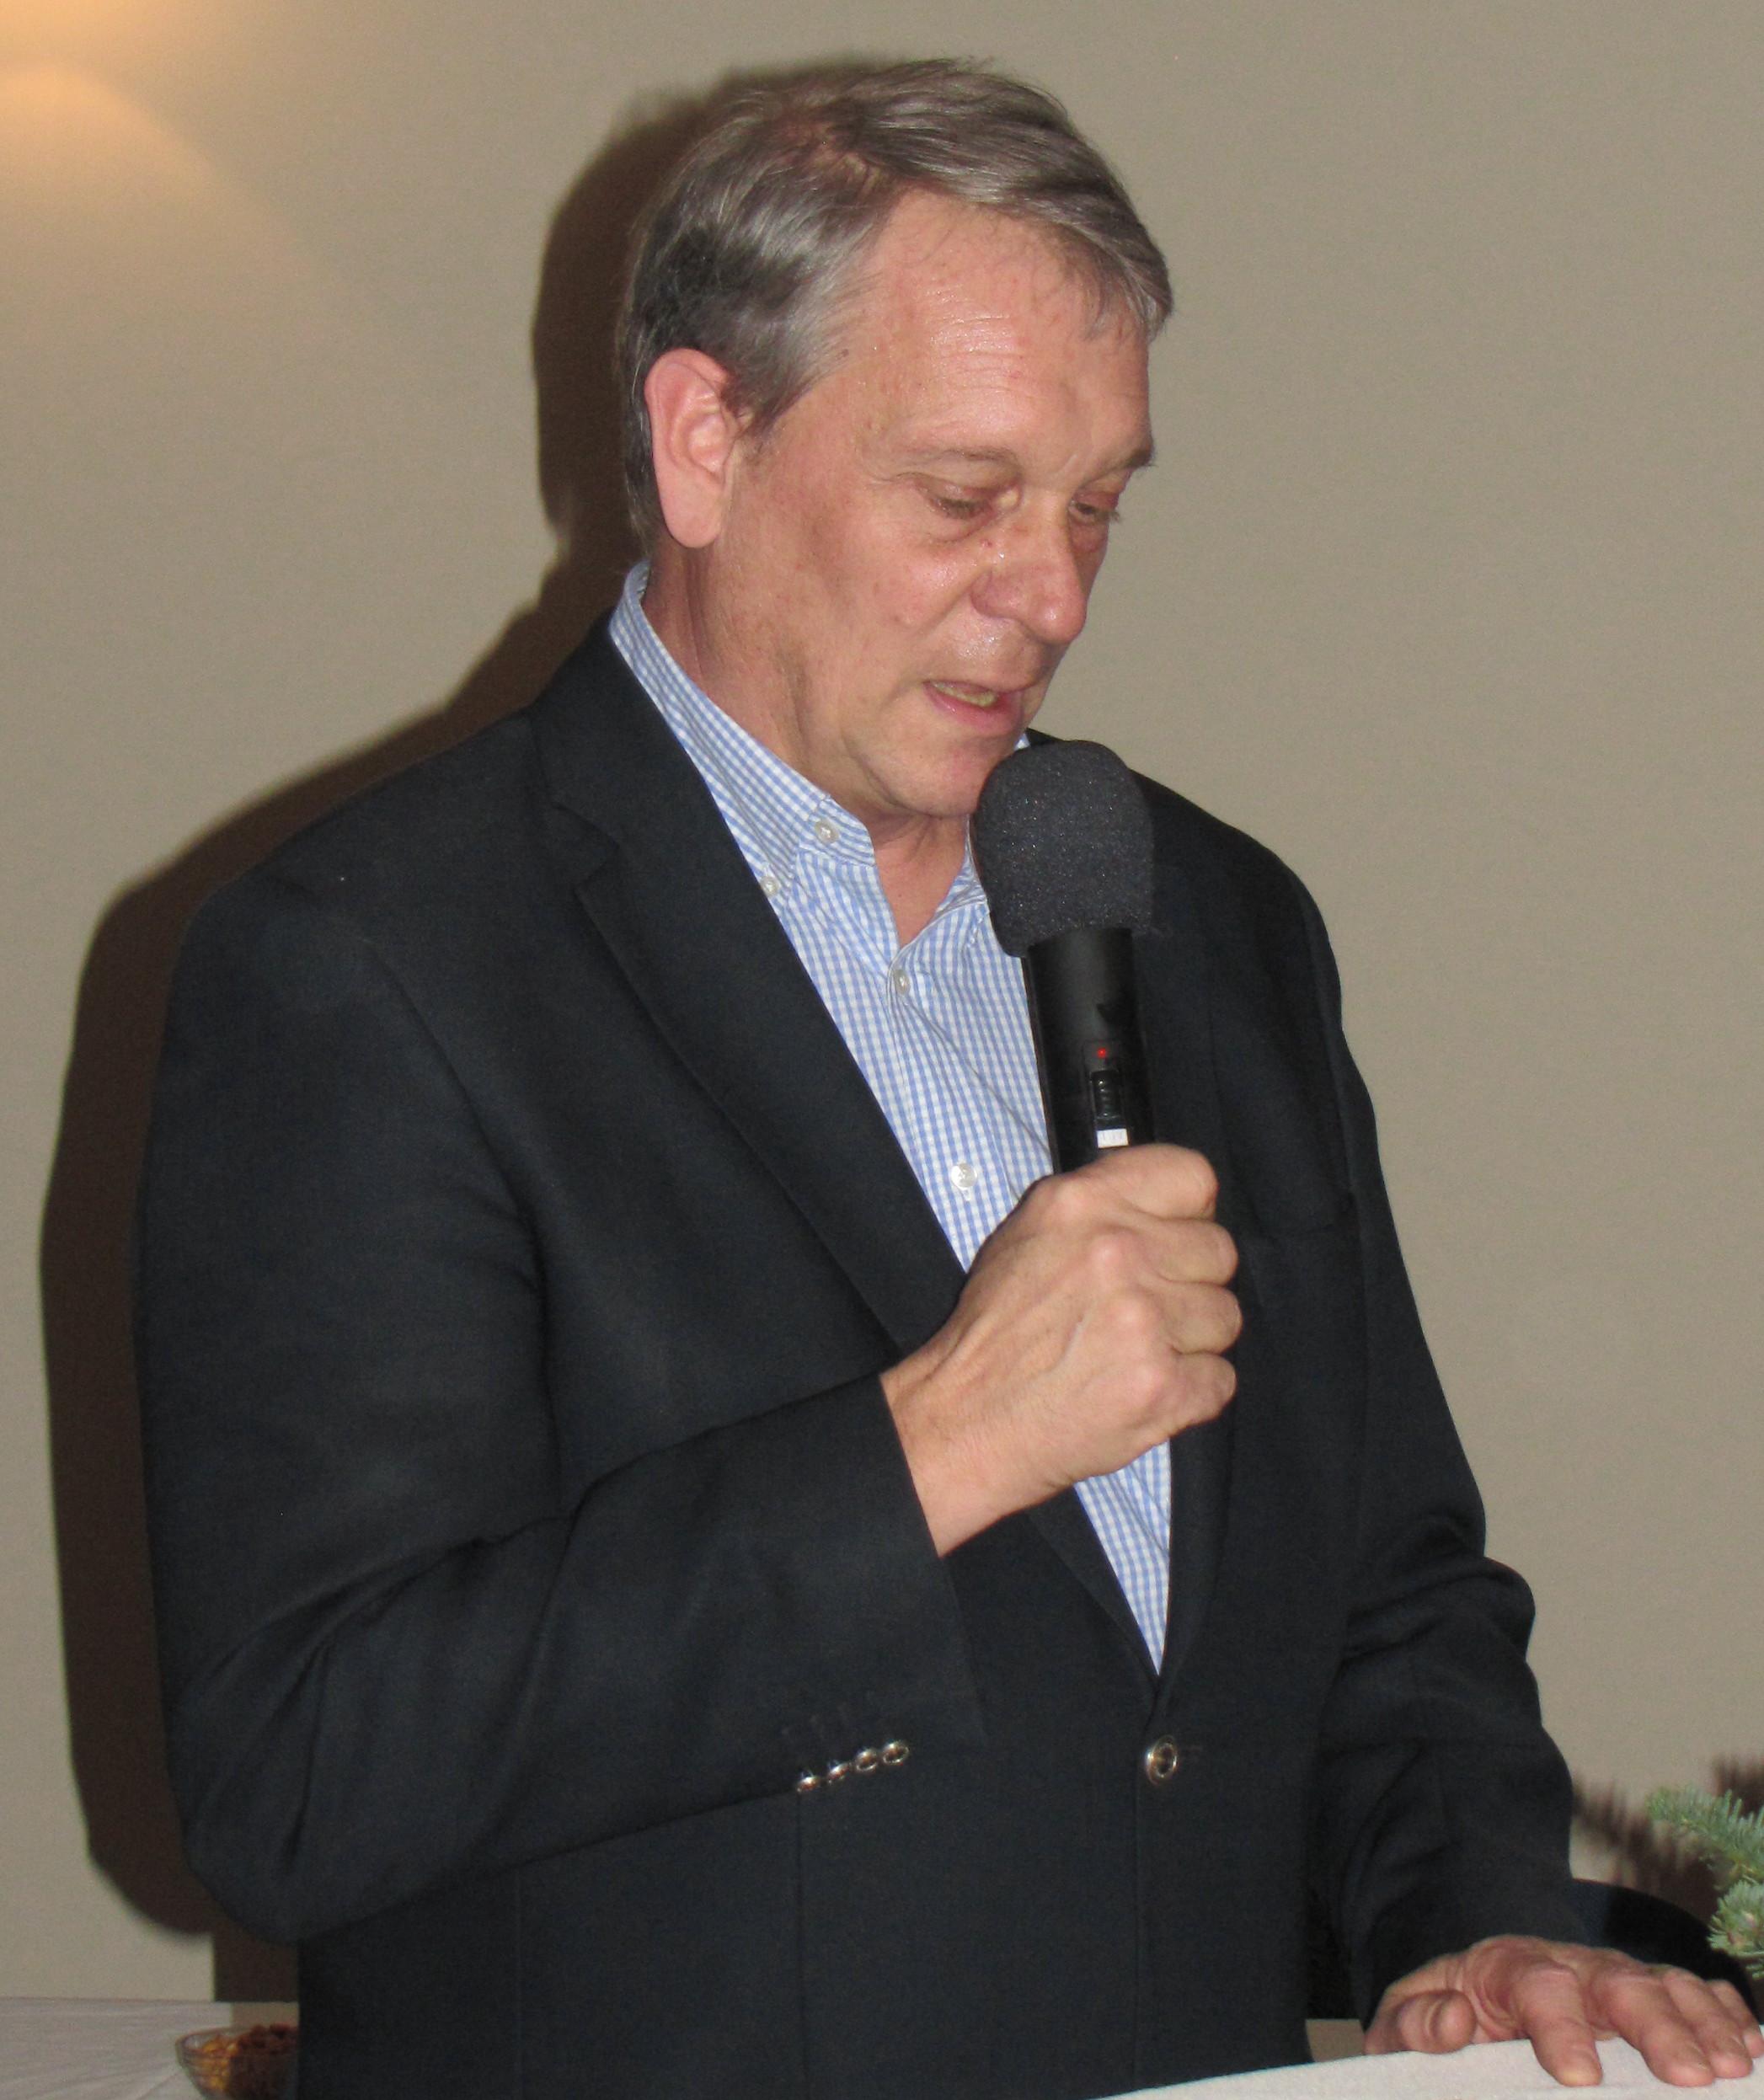 Wim Knols